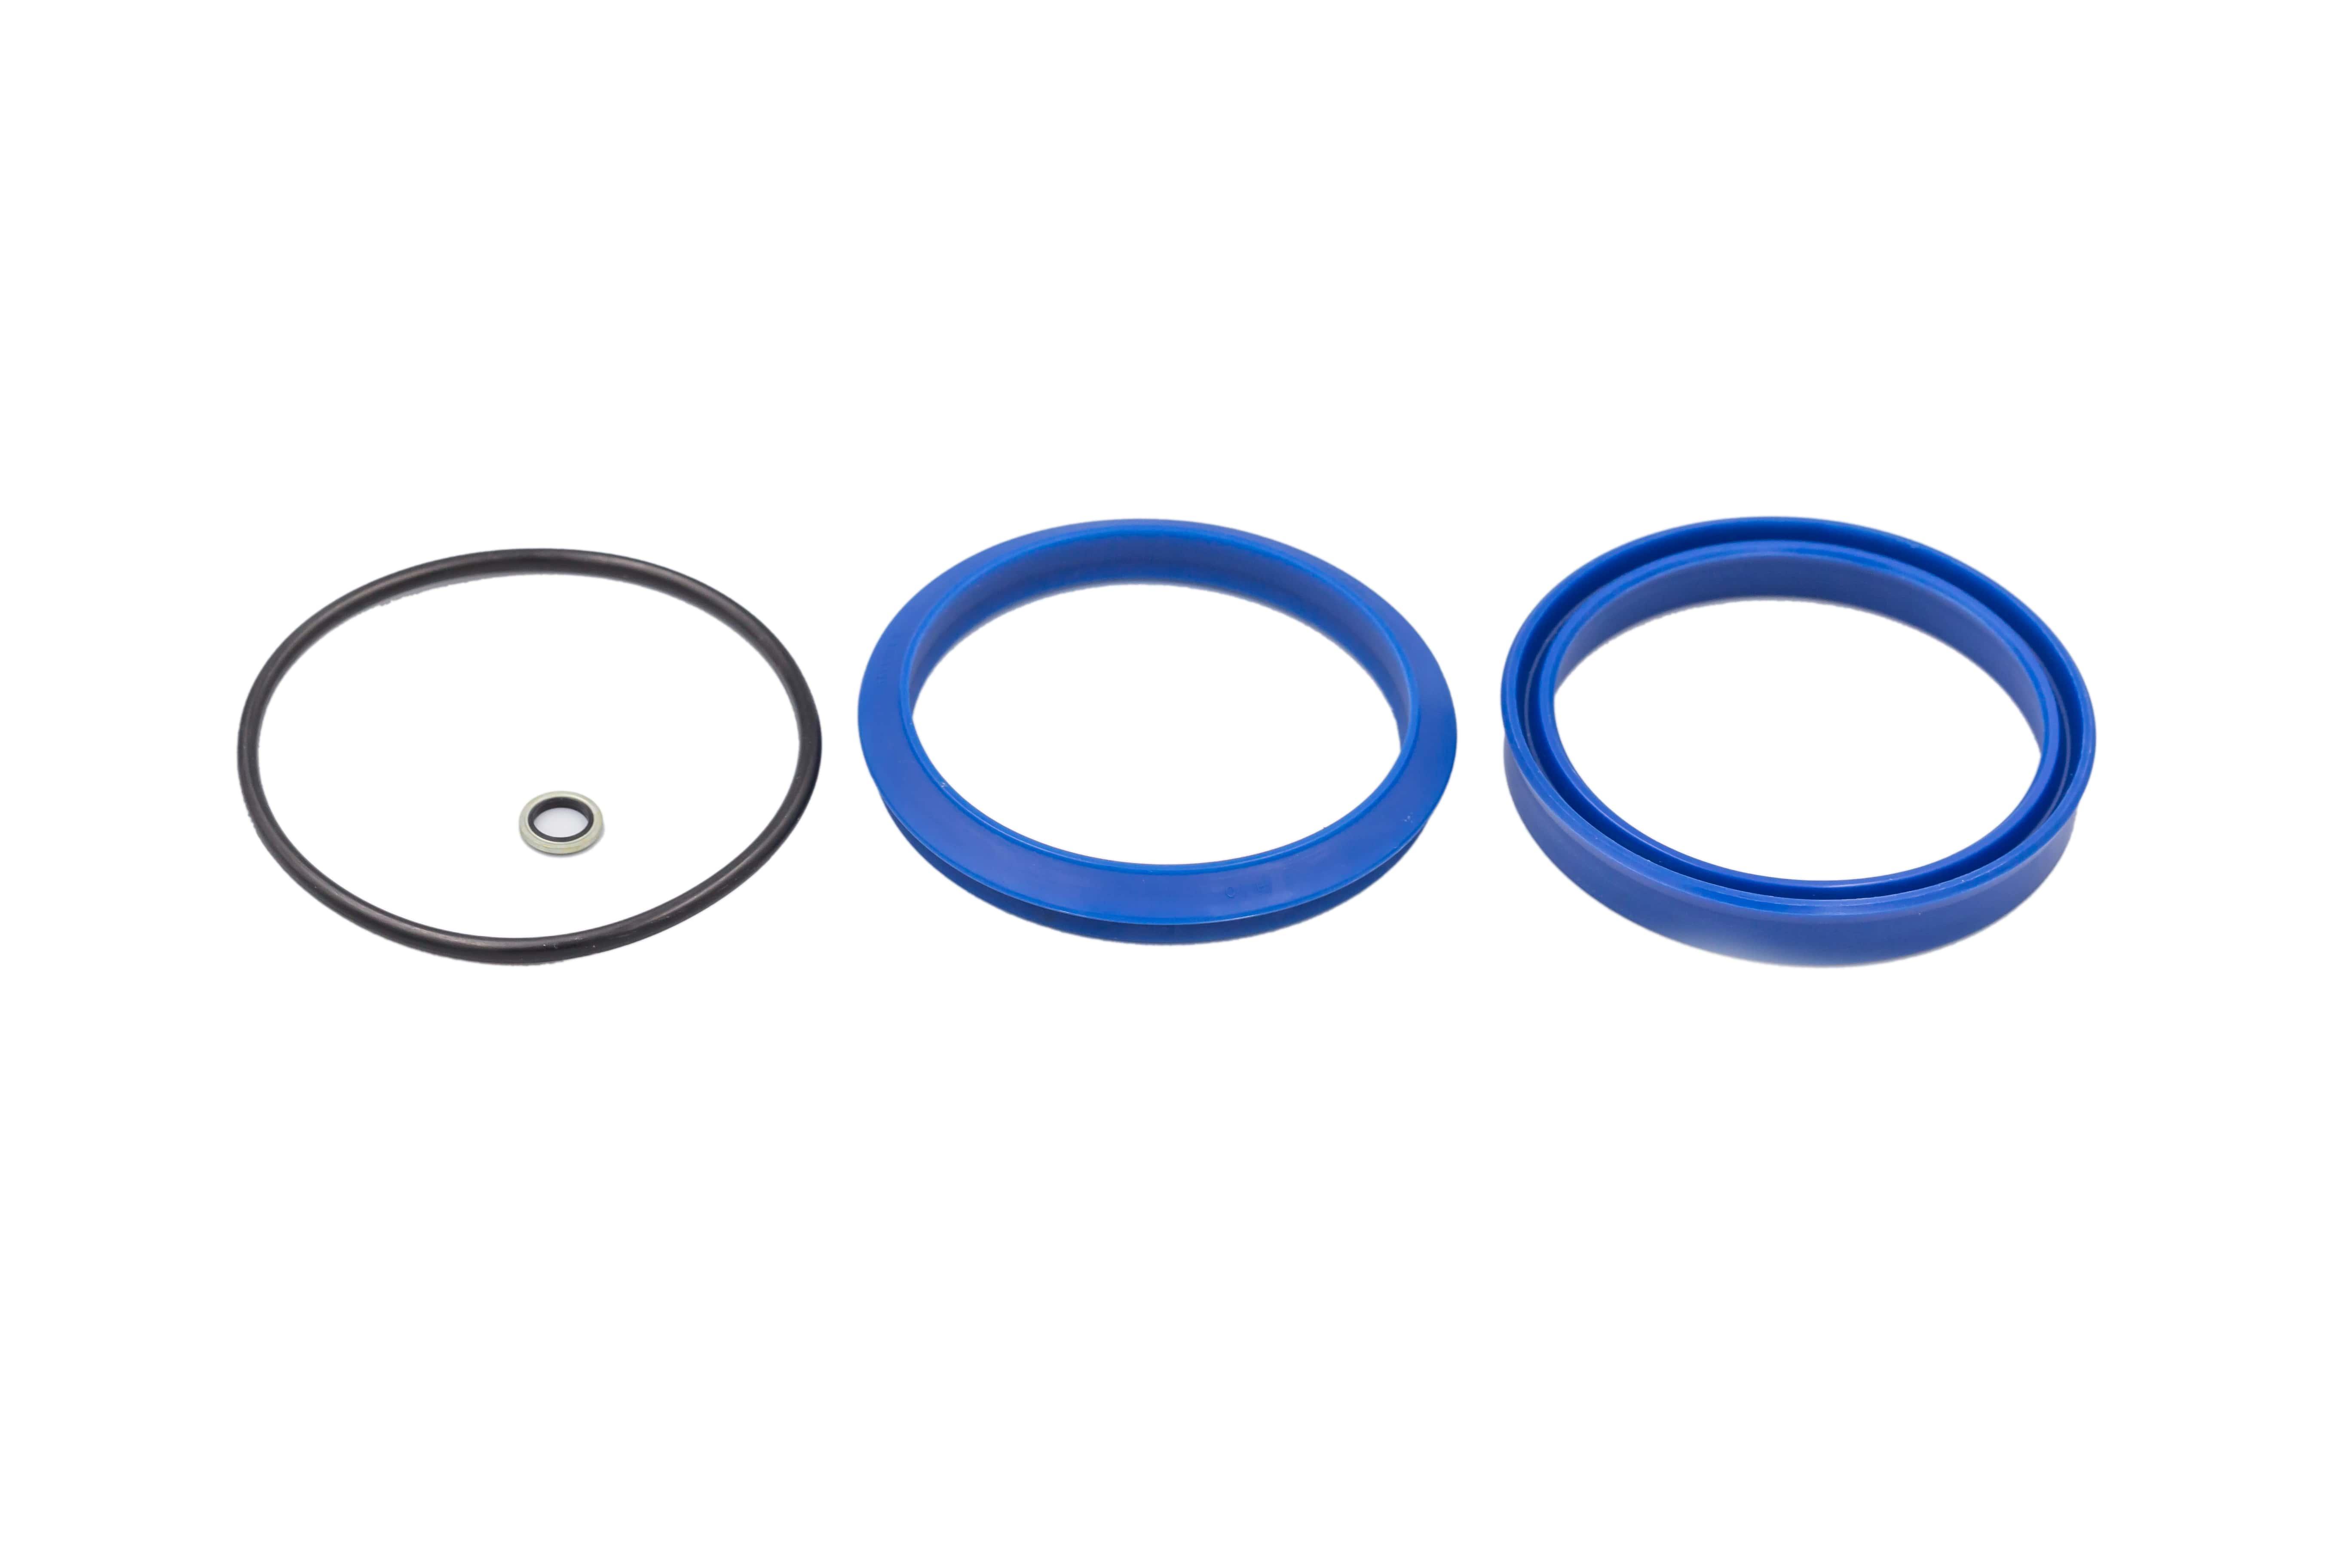 Vòng Đệm & Phốt Tyben Giữa Xe Nâng Điện Counterbalance EFG 213/220 - EFG 316/320n